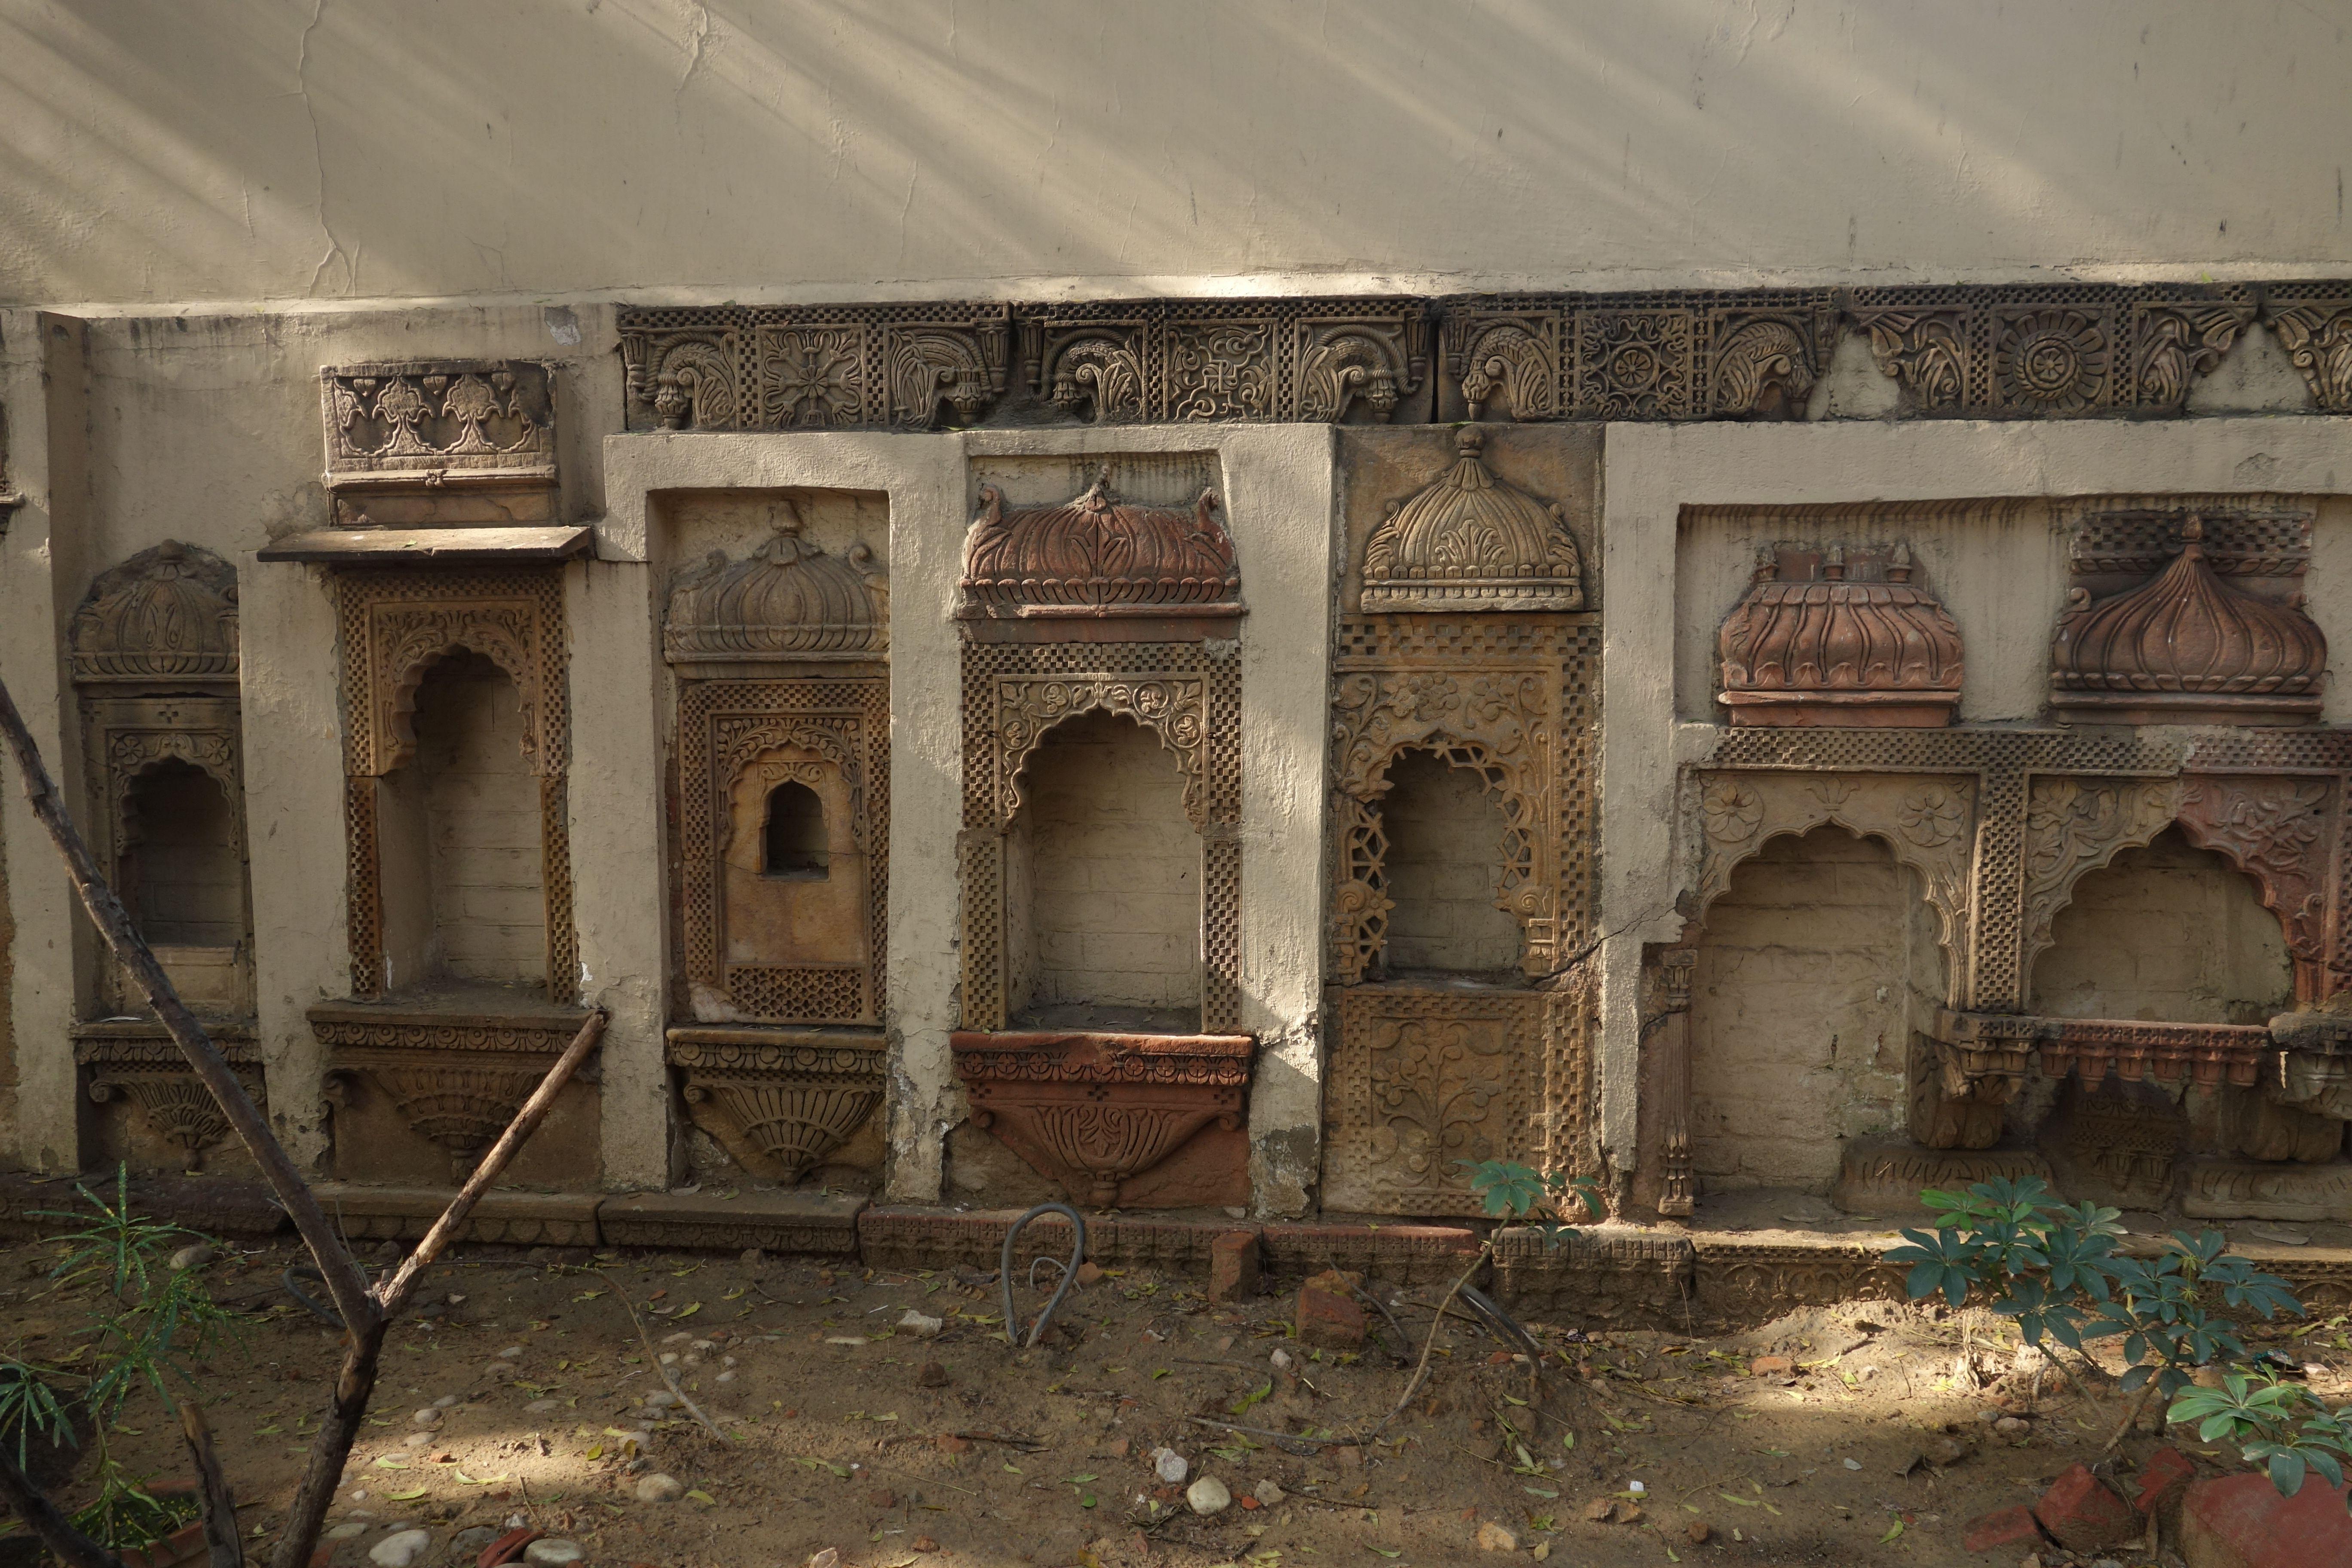 Figure 9 Doorways National Handicrafts and Handloom Museum India